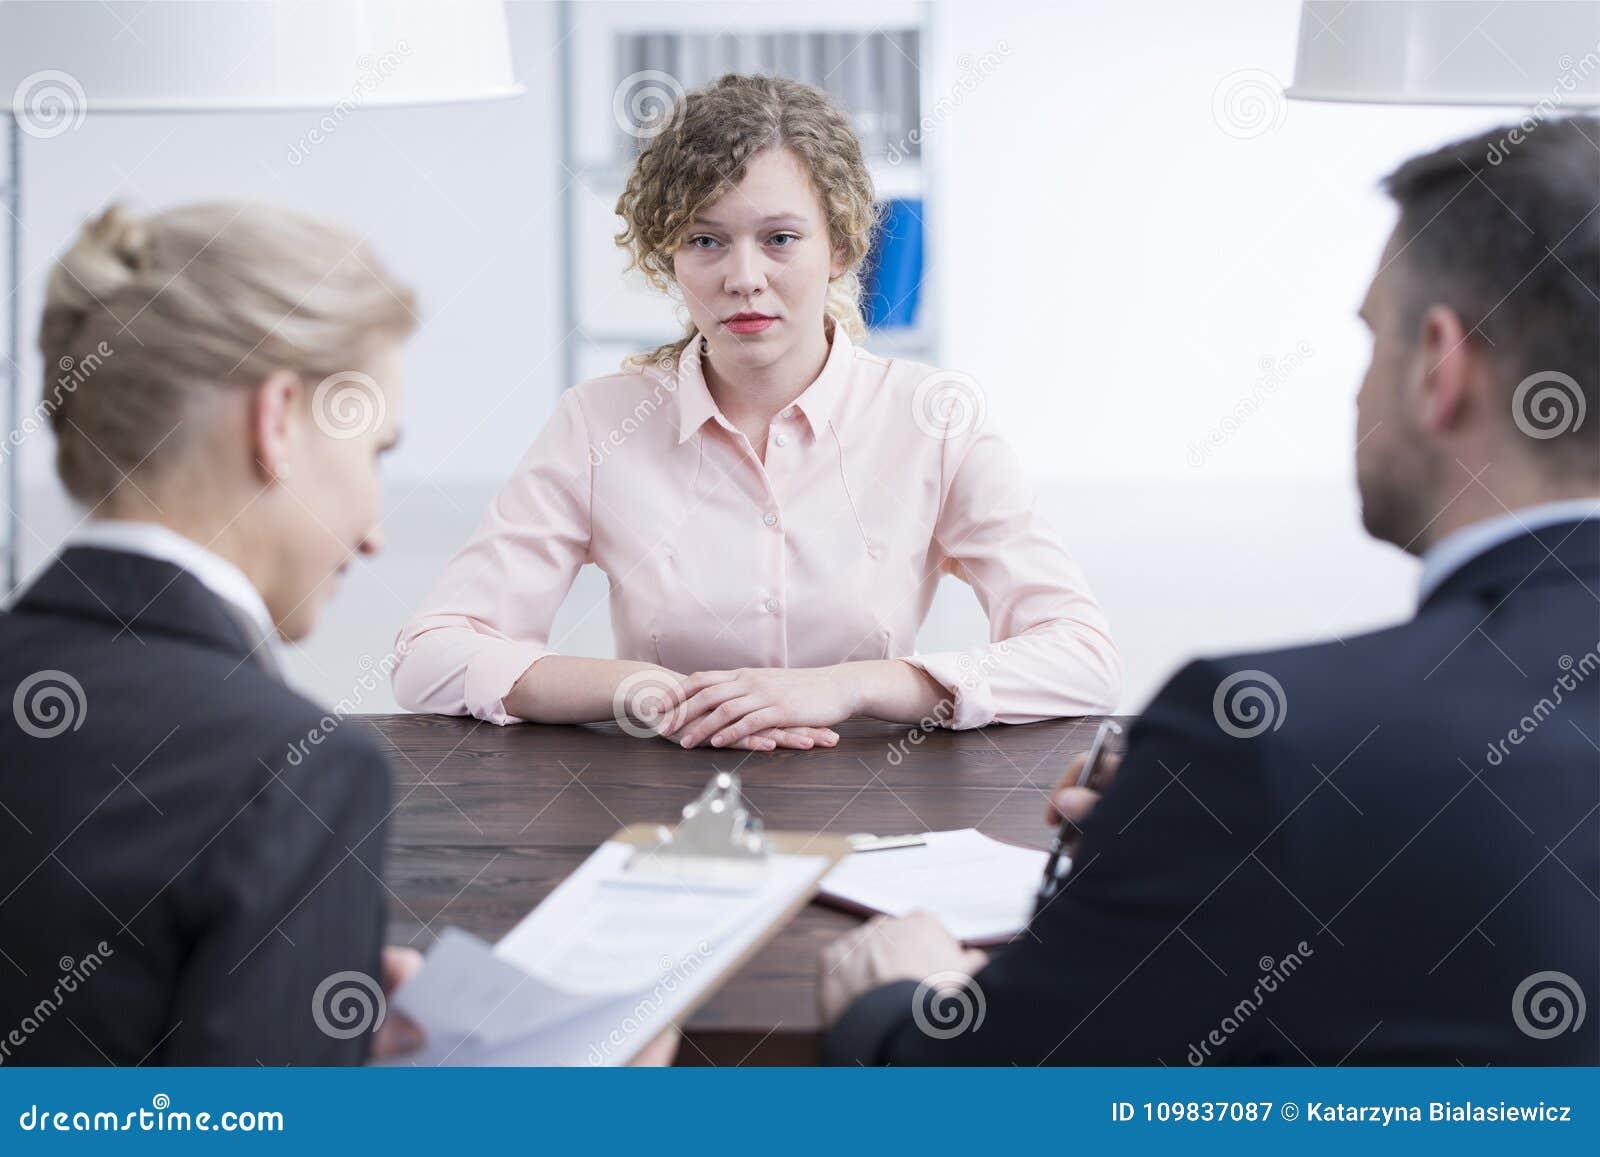 Girl looking for meetings